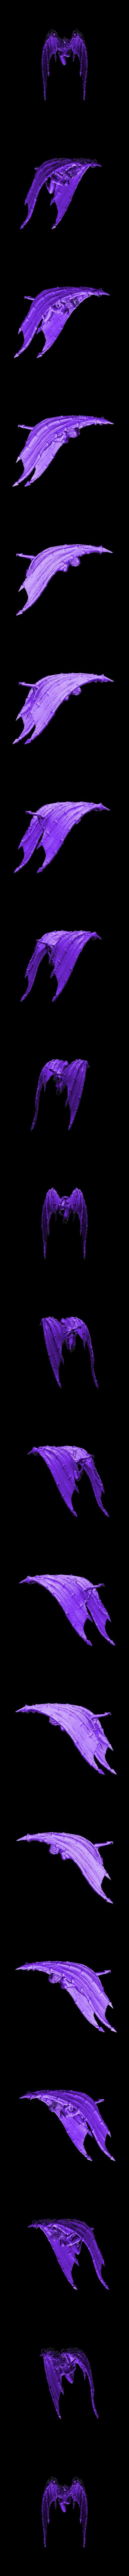 sexy_devil.stl Télécharger fichier STL gratuit Diable Sexy • Plan imprimable en 3D, FiveNights